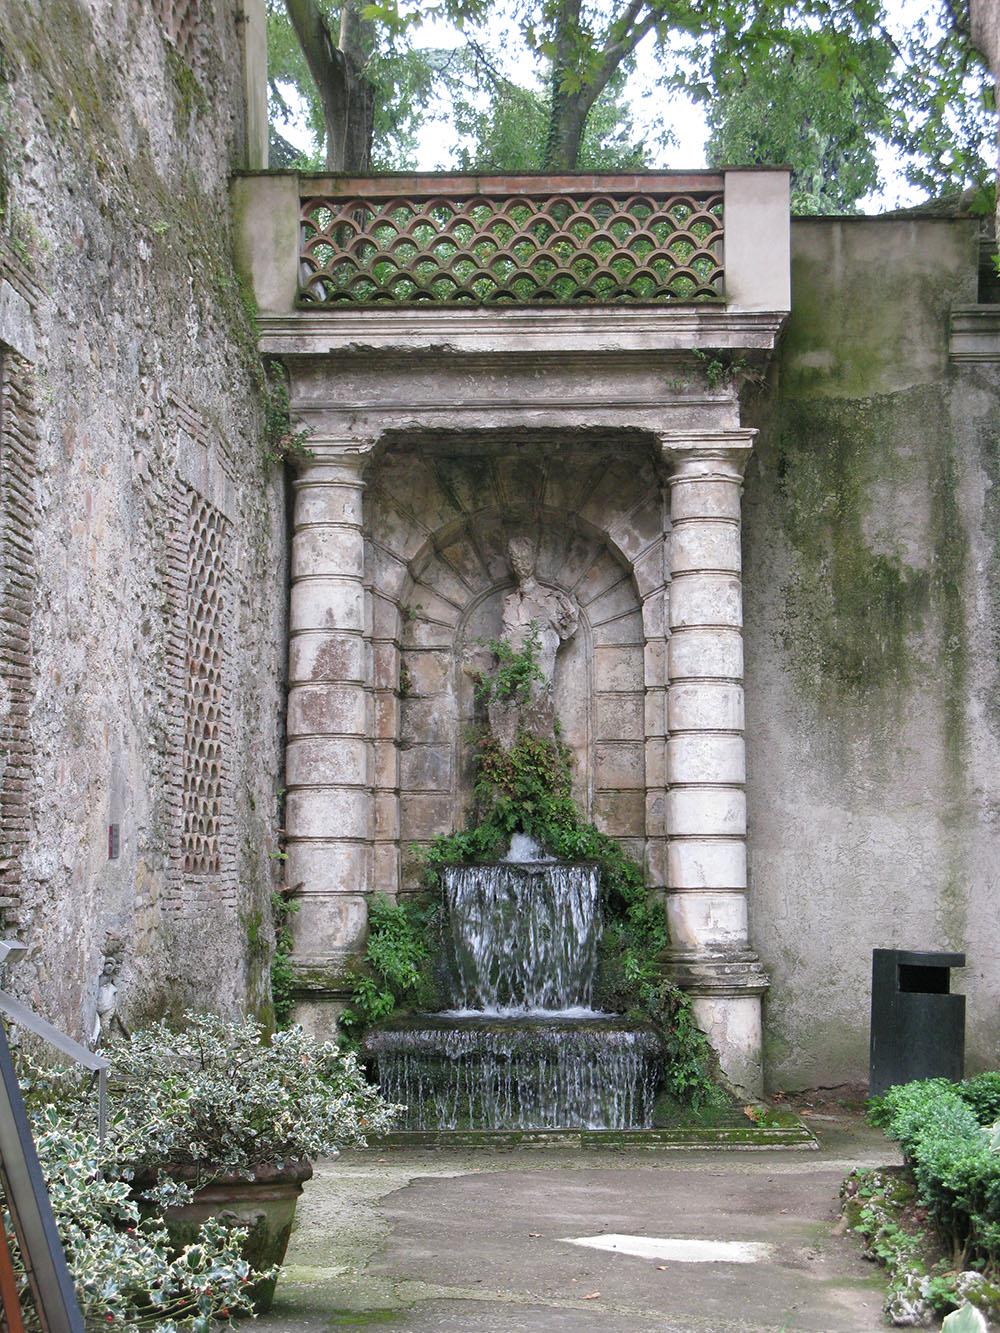 01 una delle fontane del parco di Villa d'Este-stato di fatto